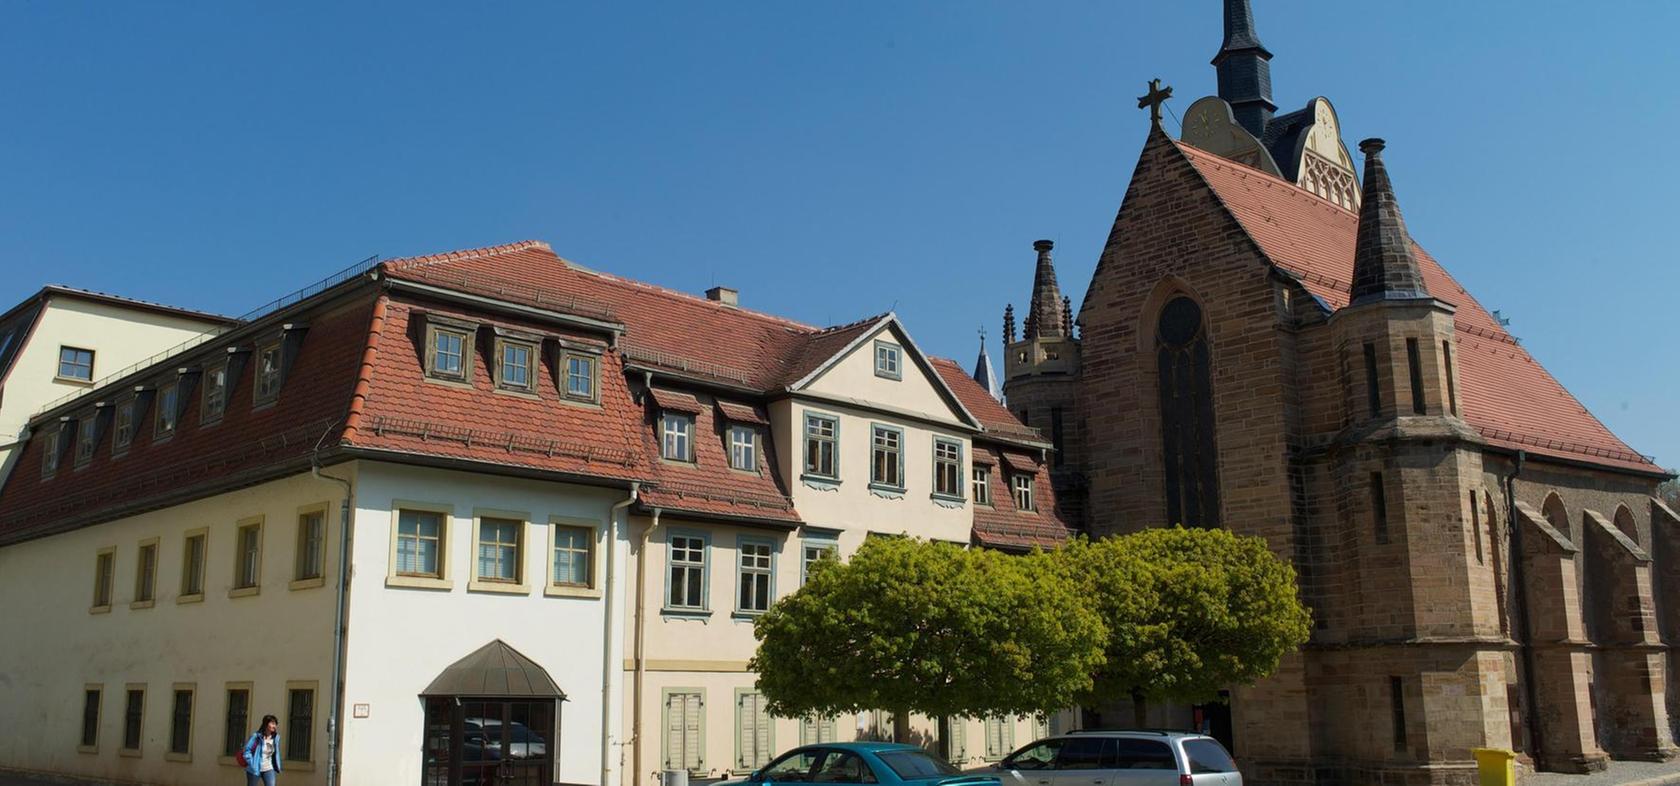 Trügerische Idylle: Das Otto-Dix-Haus neben der Marienkirche in Gera.